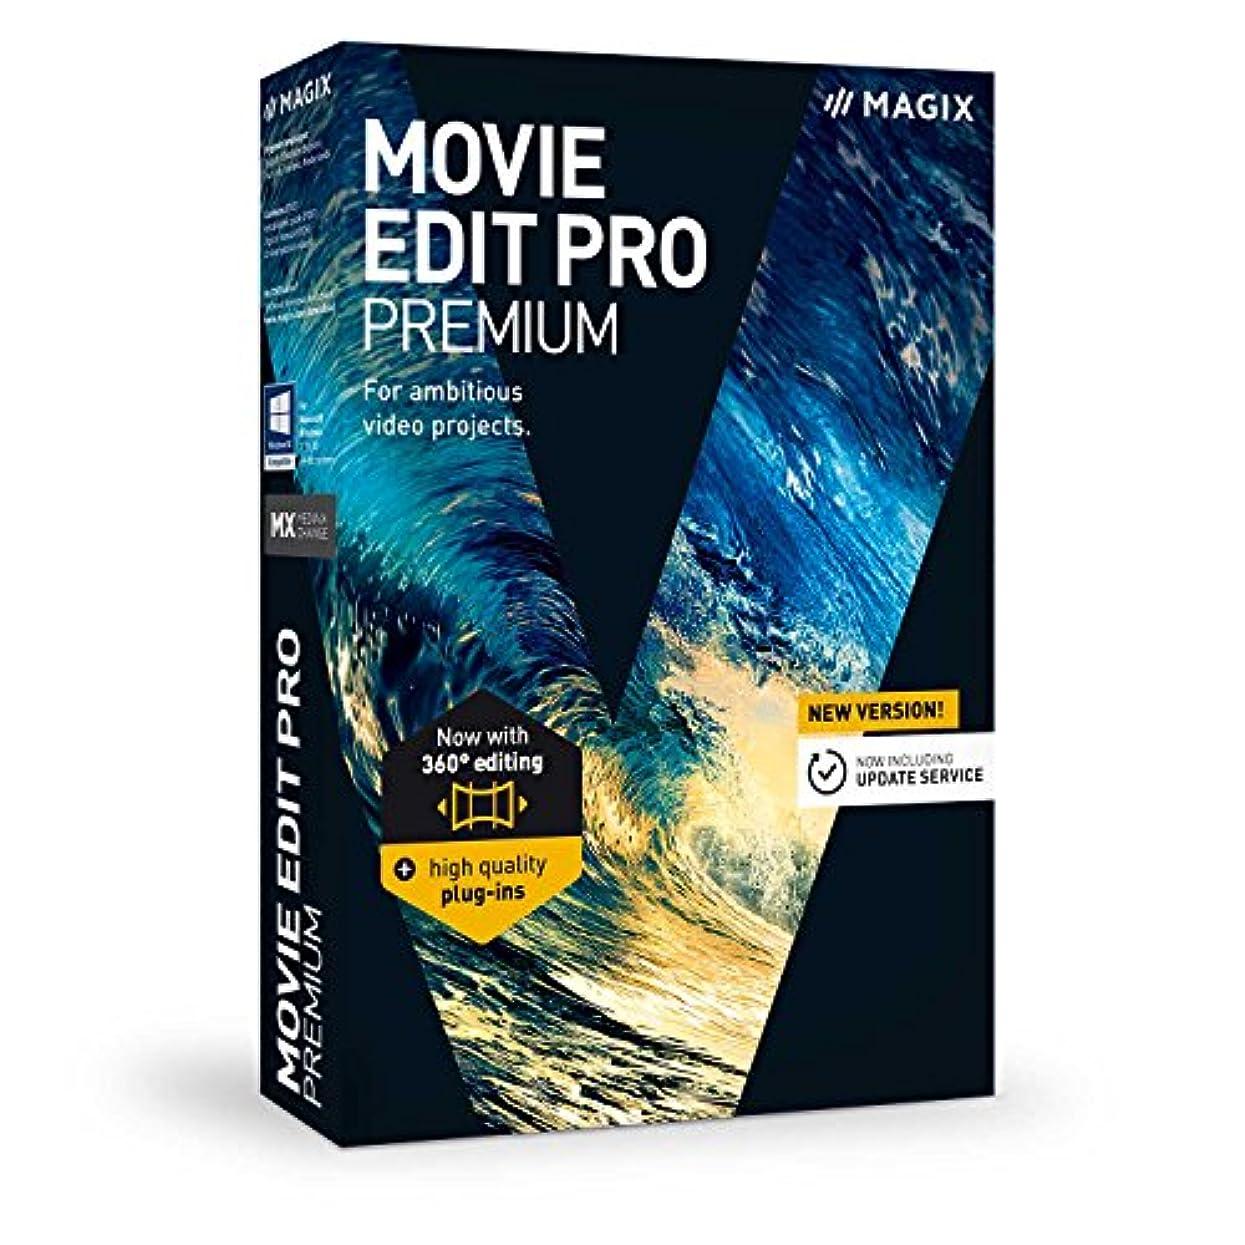 病んでいるうがい台無しにMagix Movie Edit Pro Premium [並行輸入品]